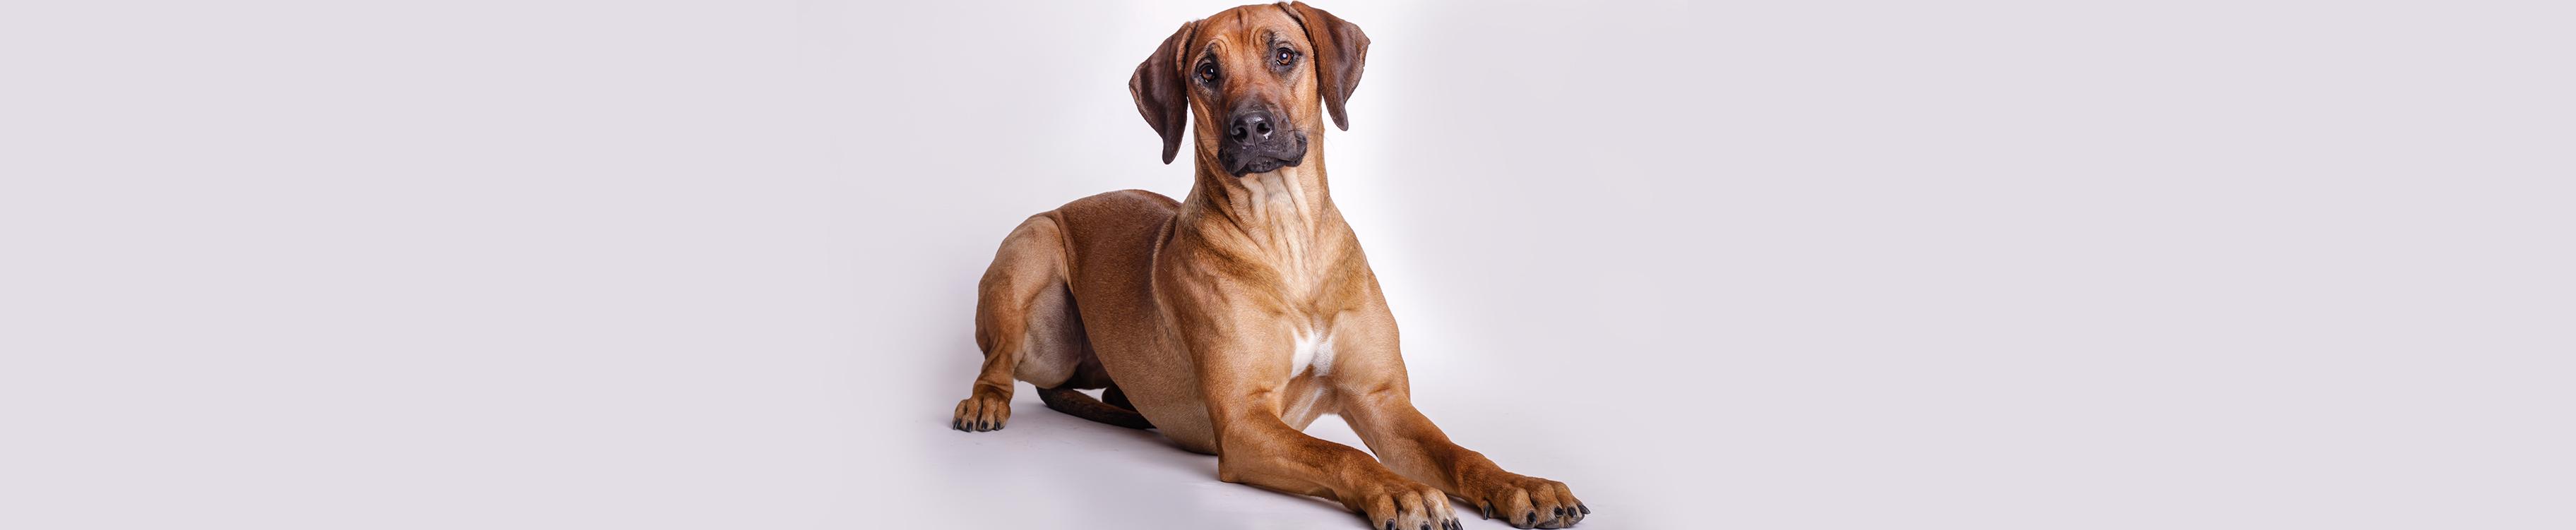 dog03